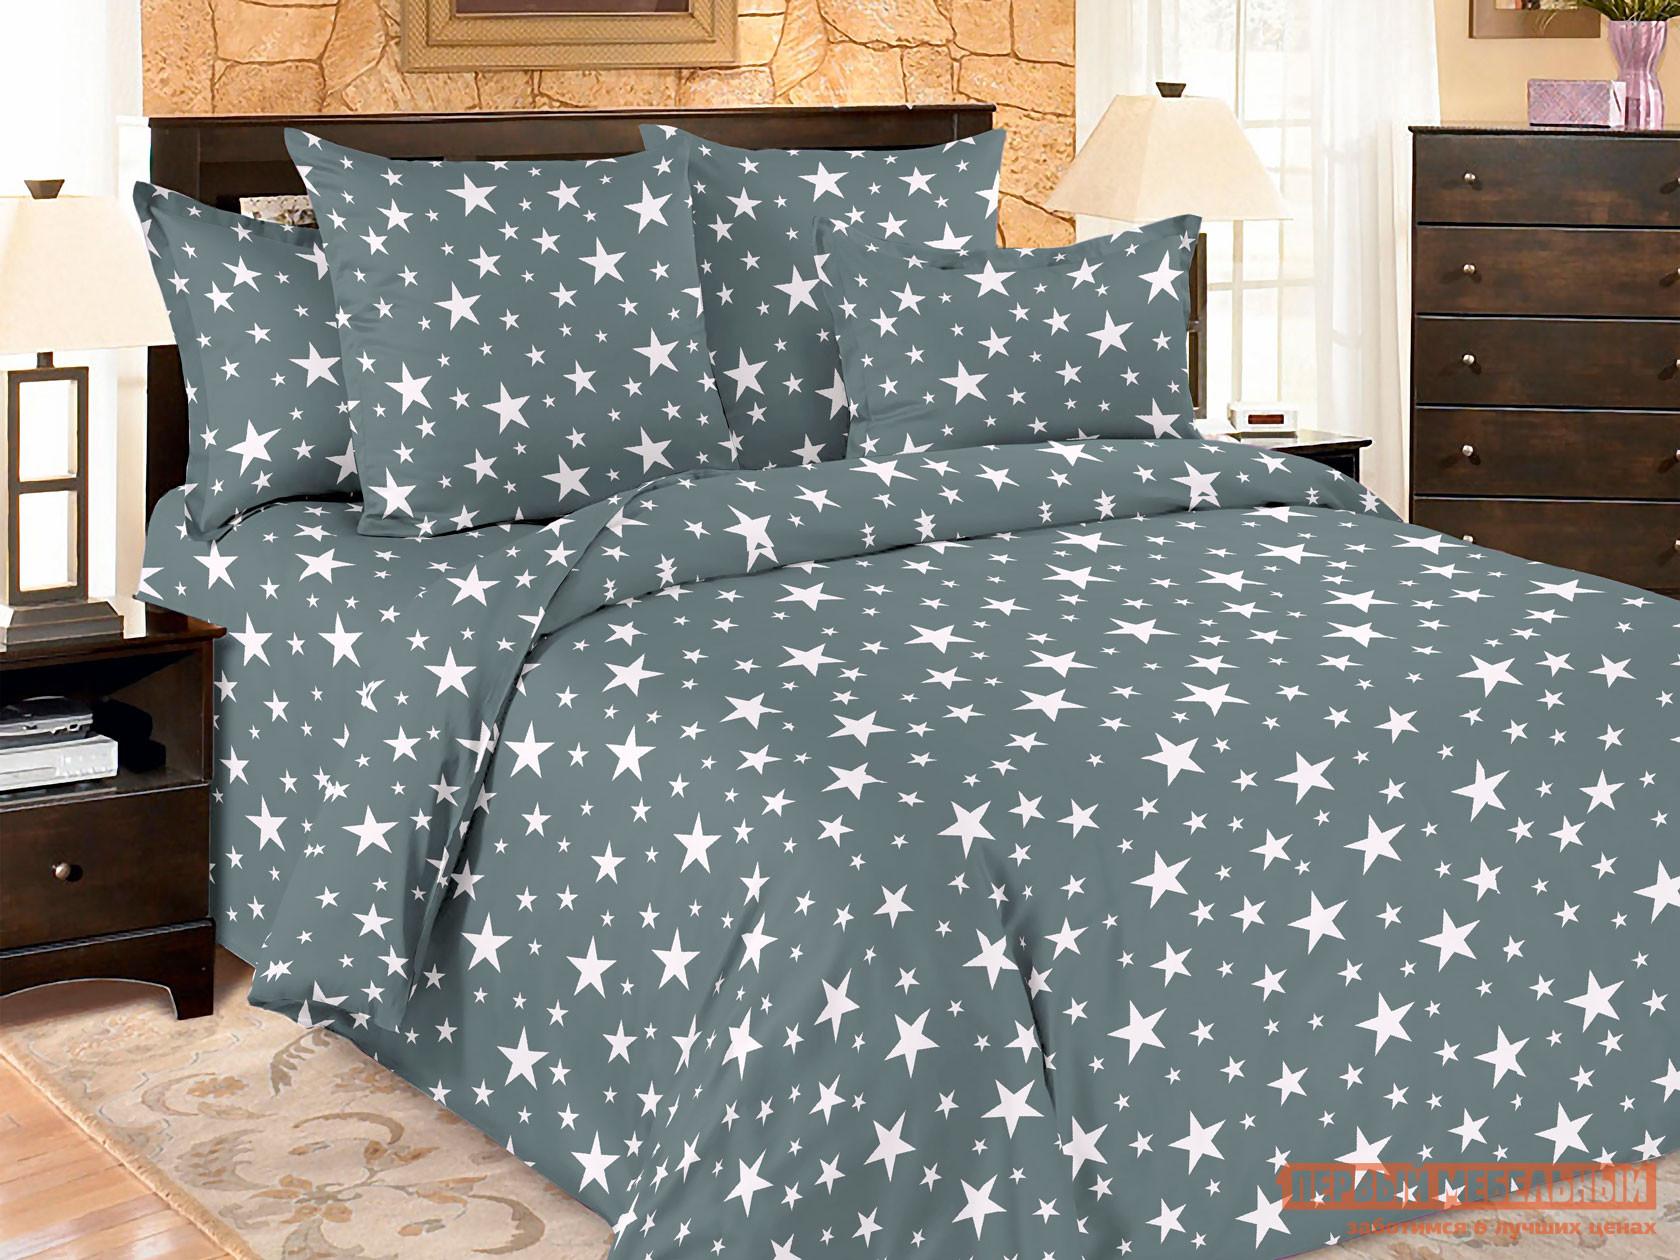 Комплект постельного белья  КПБ Amore Mio BZ Stars Звёзды, микрофибра, Двуспальный